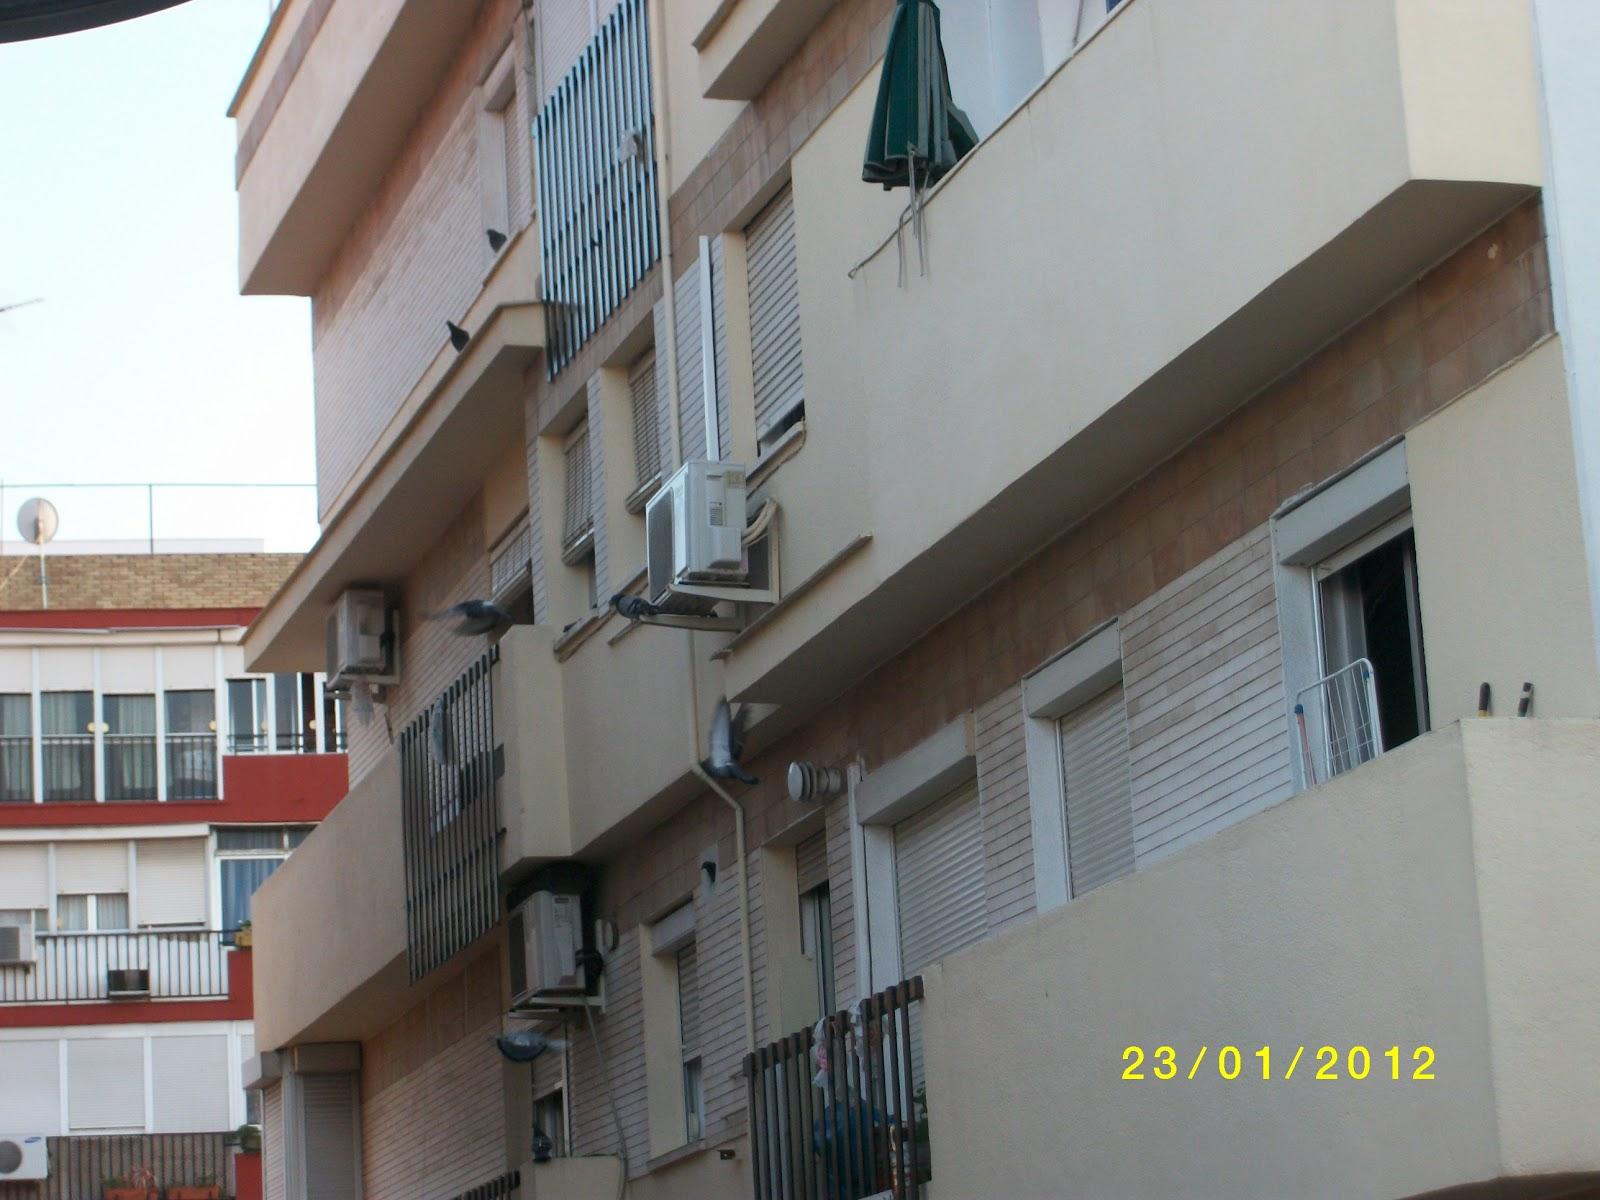 Plaga de palomas en la ciudad - Pinchos para palomas ...